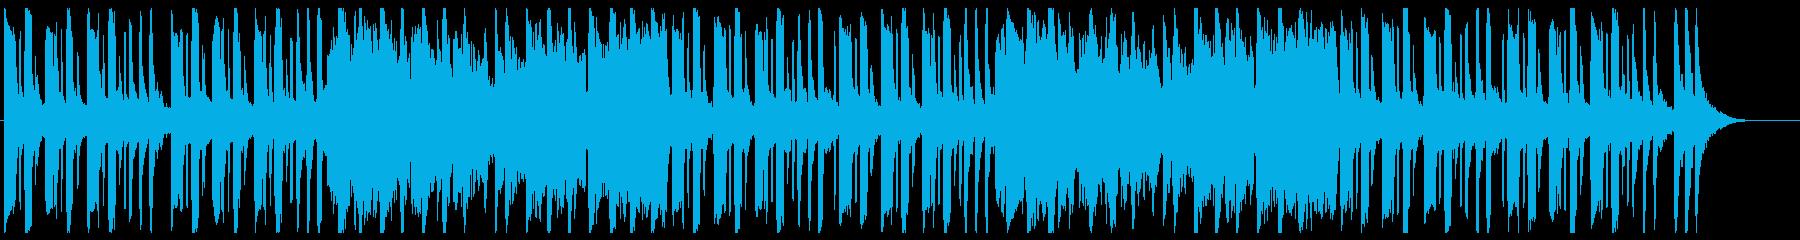 可愛く明るい跳ね感のあるポップな曲の再生済みの波形